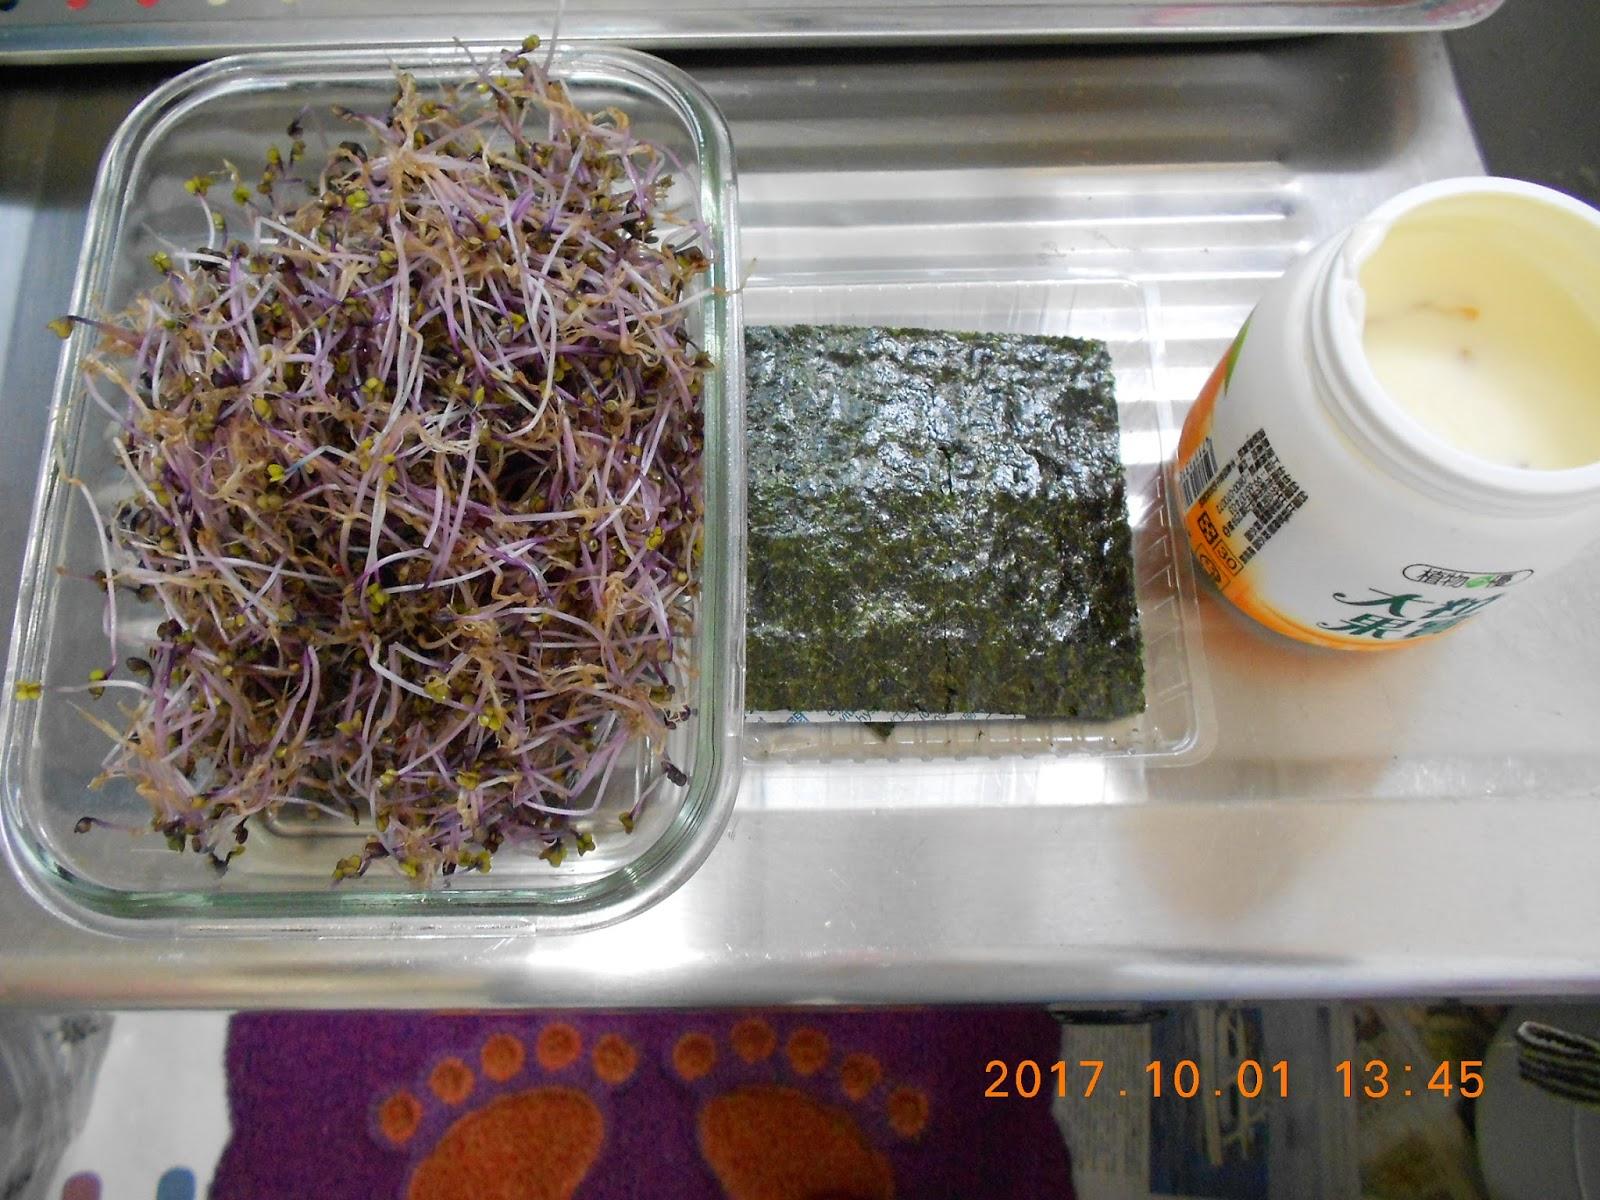 紅高麗,紫高麗菜,紫色高麗菜,紫色甘藍菜,紫高麗營養,紫高麗菜營養,紫甘藍菜變色,紫甘藍菜紫捲心菜,紅高麗菜